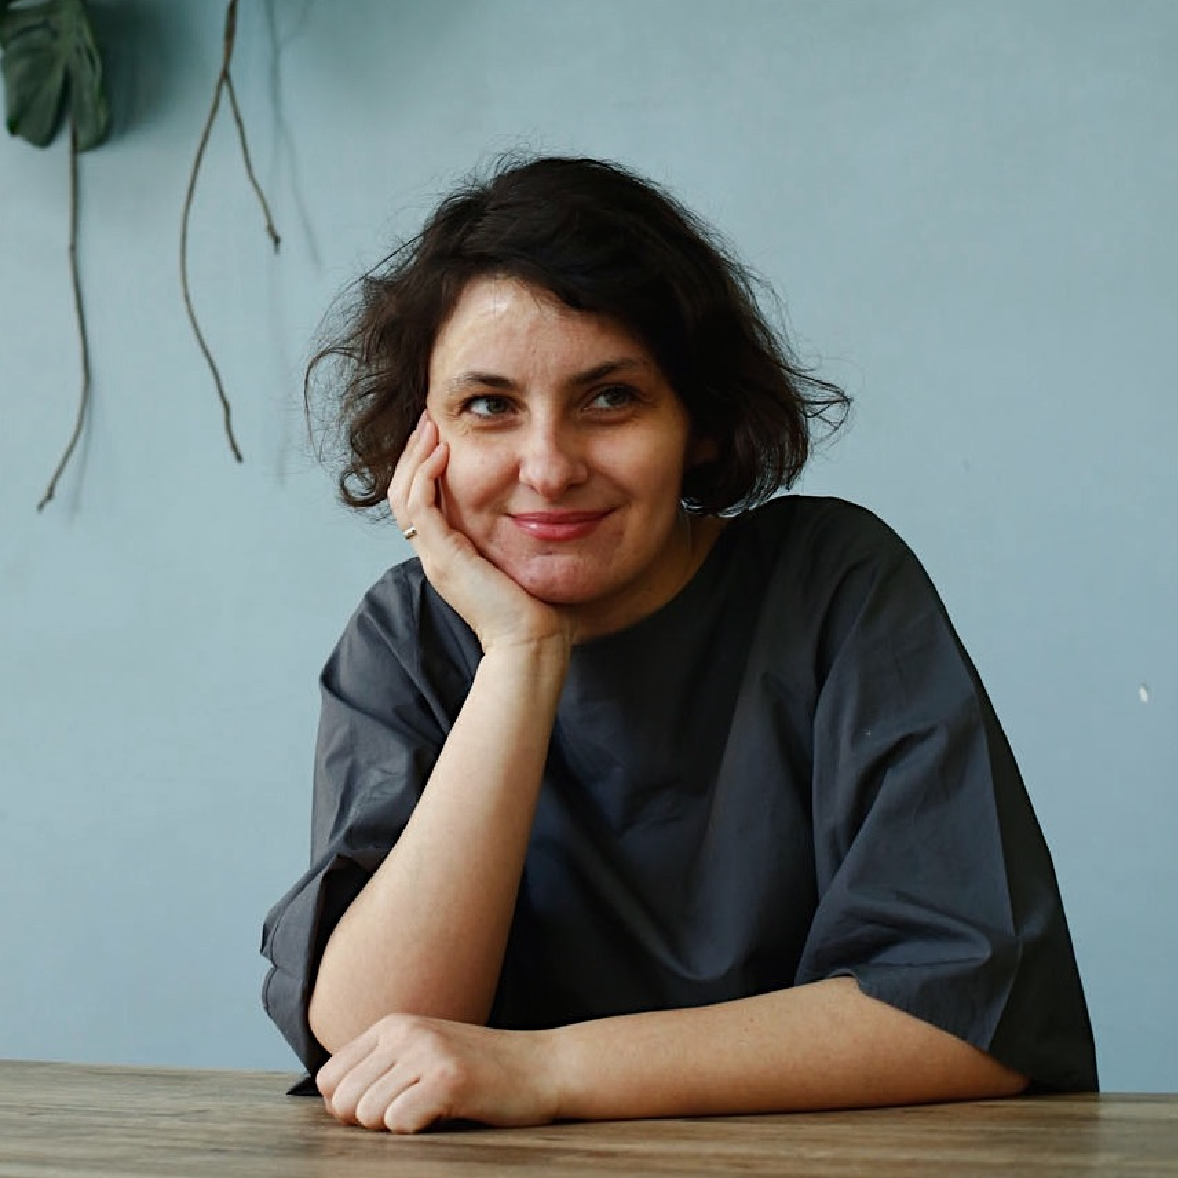 Olga Napiontek